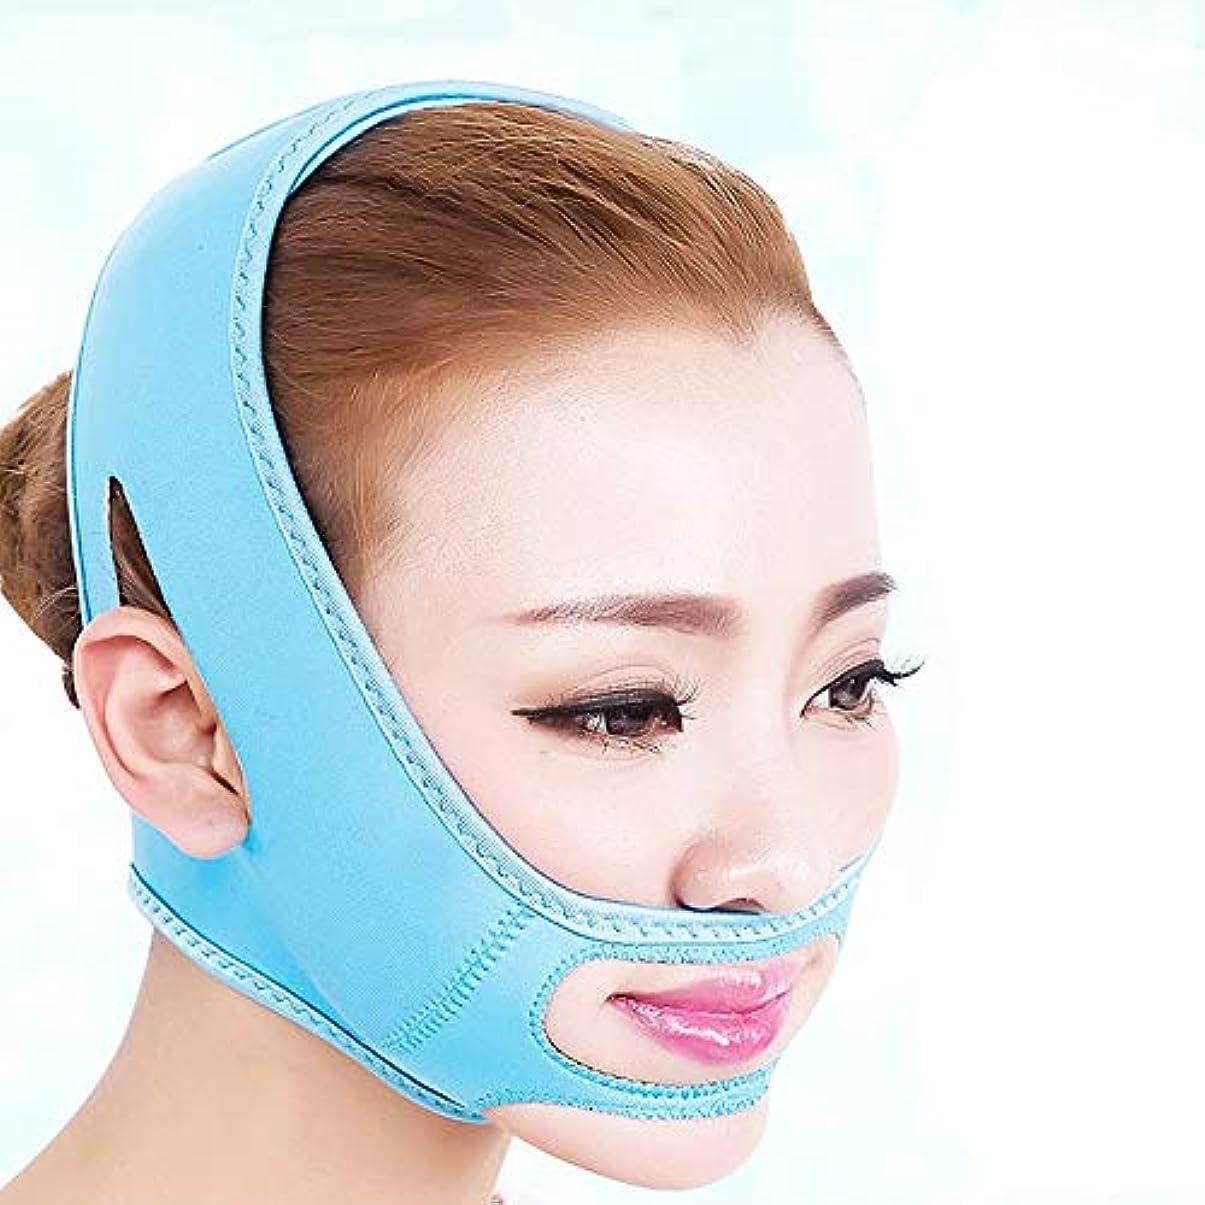 富豪スリチンモイマージンVラインマスク、ネックマスクフェイスリフトVリフティングチンアップパッチダブルチンリデューサーネックリフト,Blue